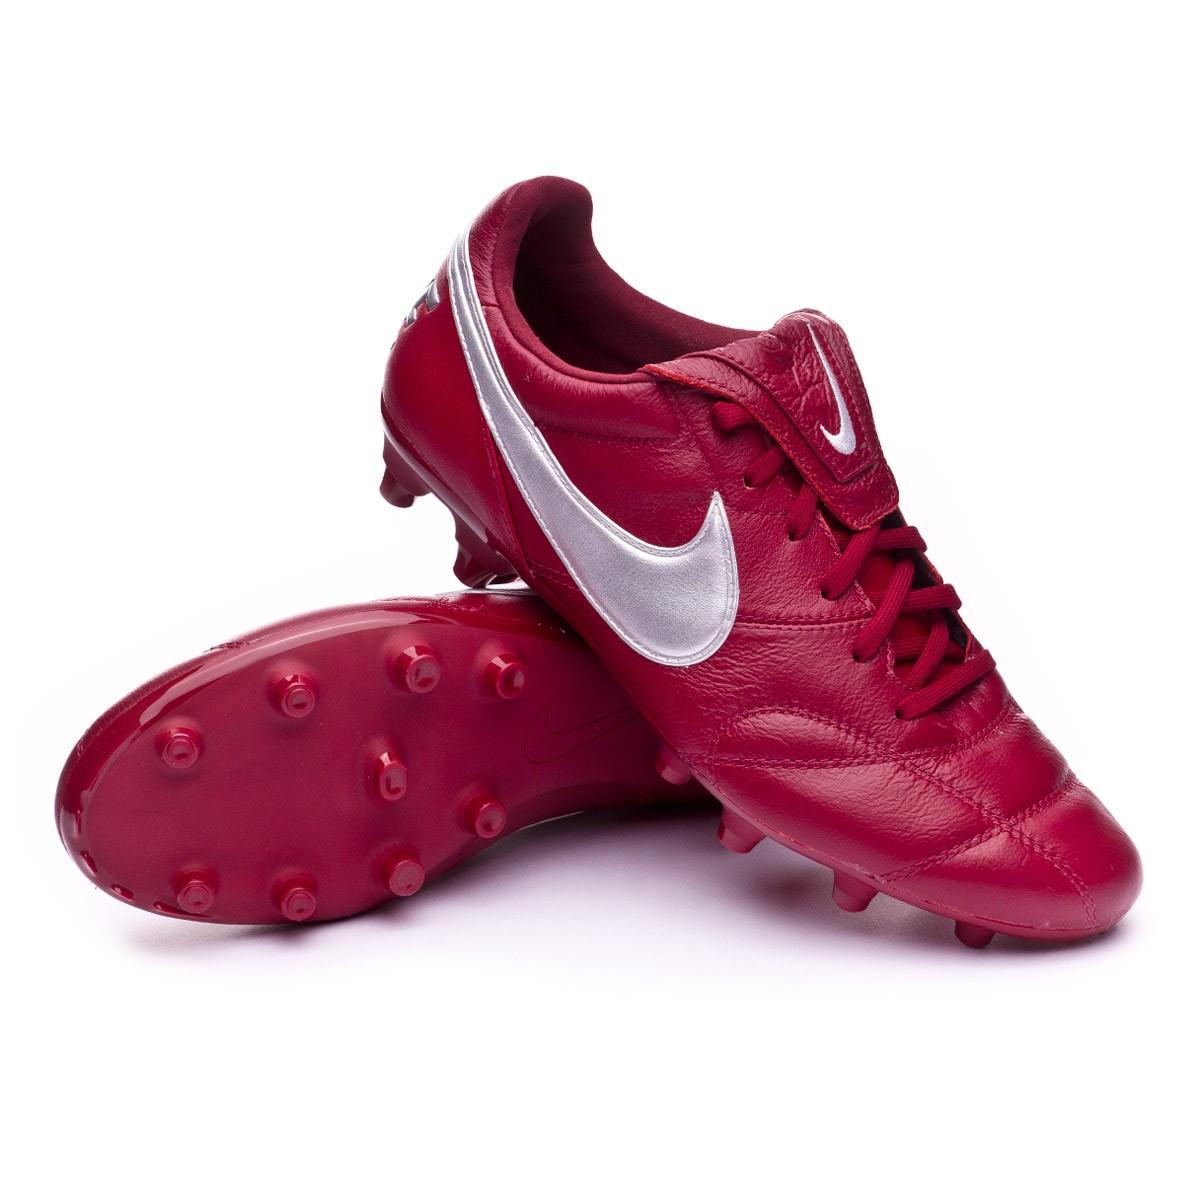 Scarpe Nike Tiempo Premier II FG